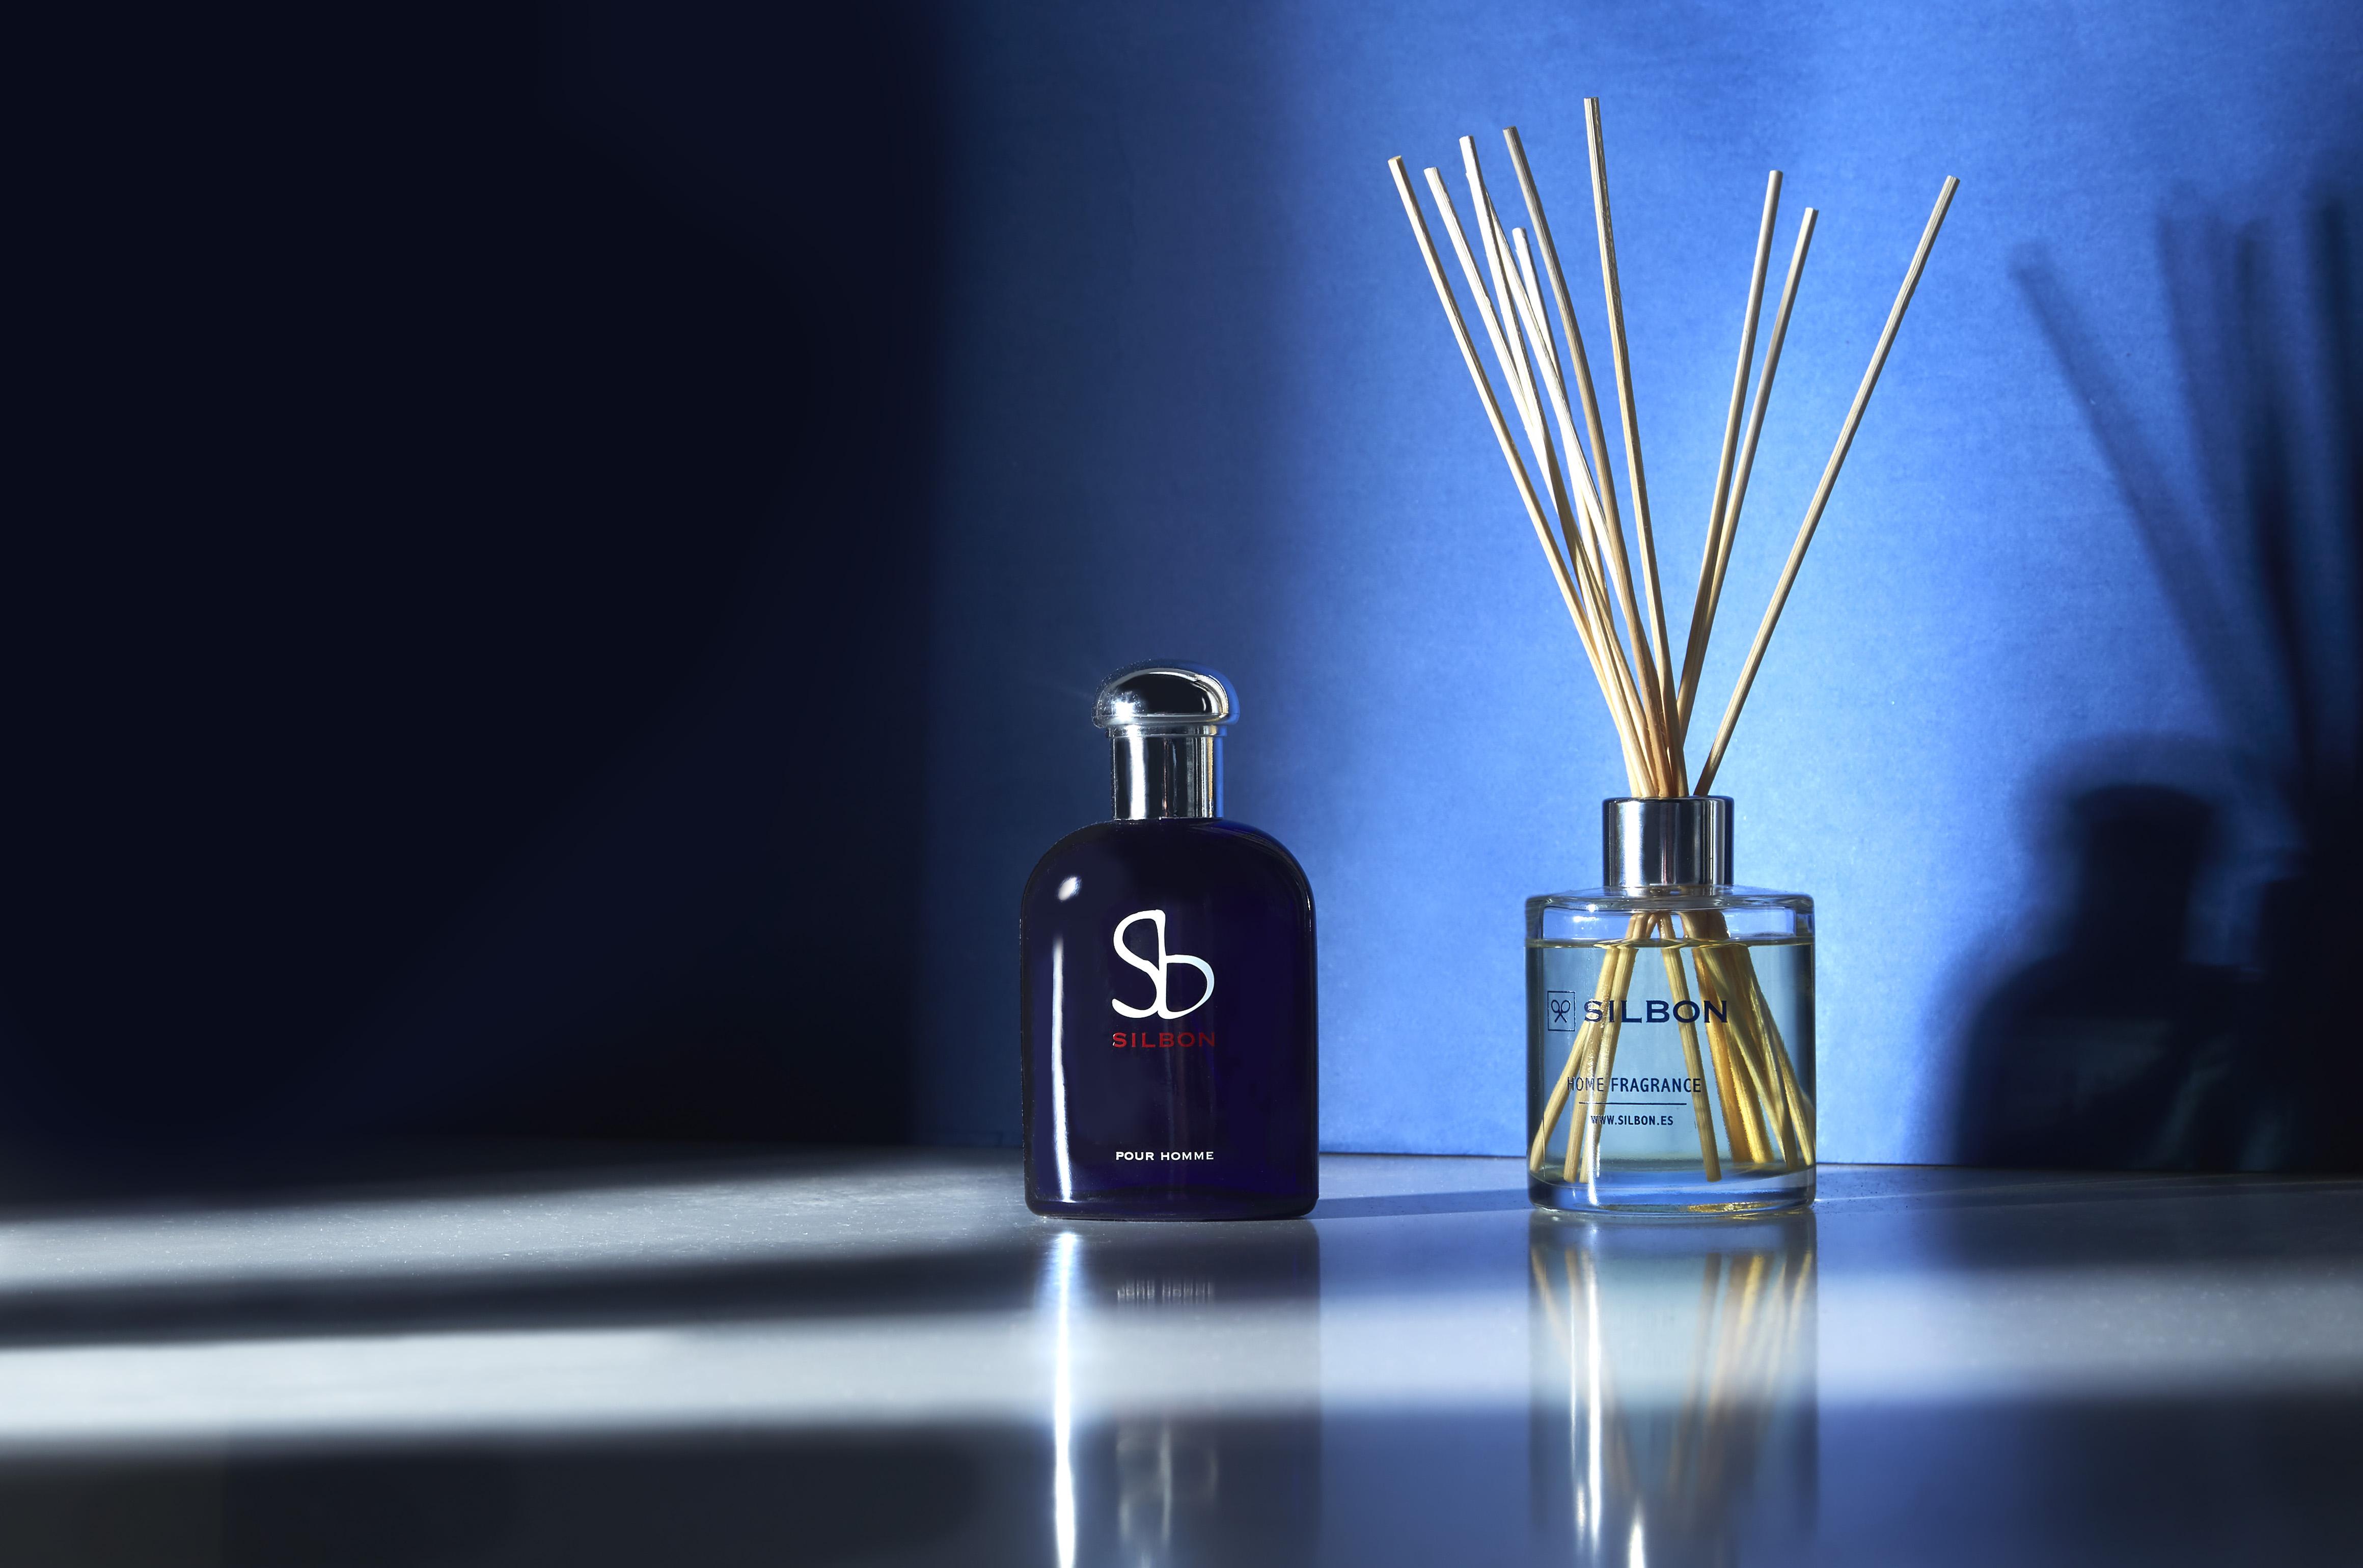 Silbon - Fragancia SB